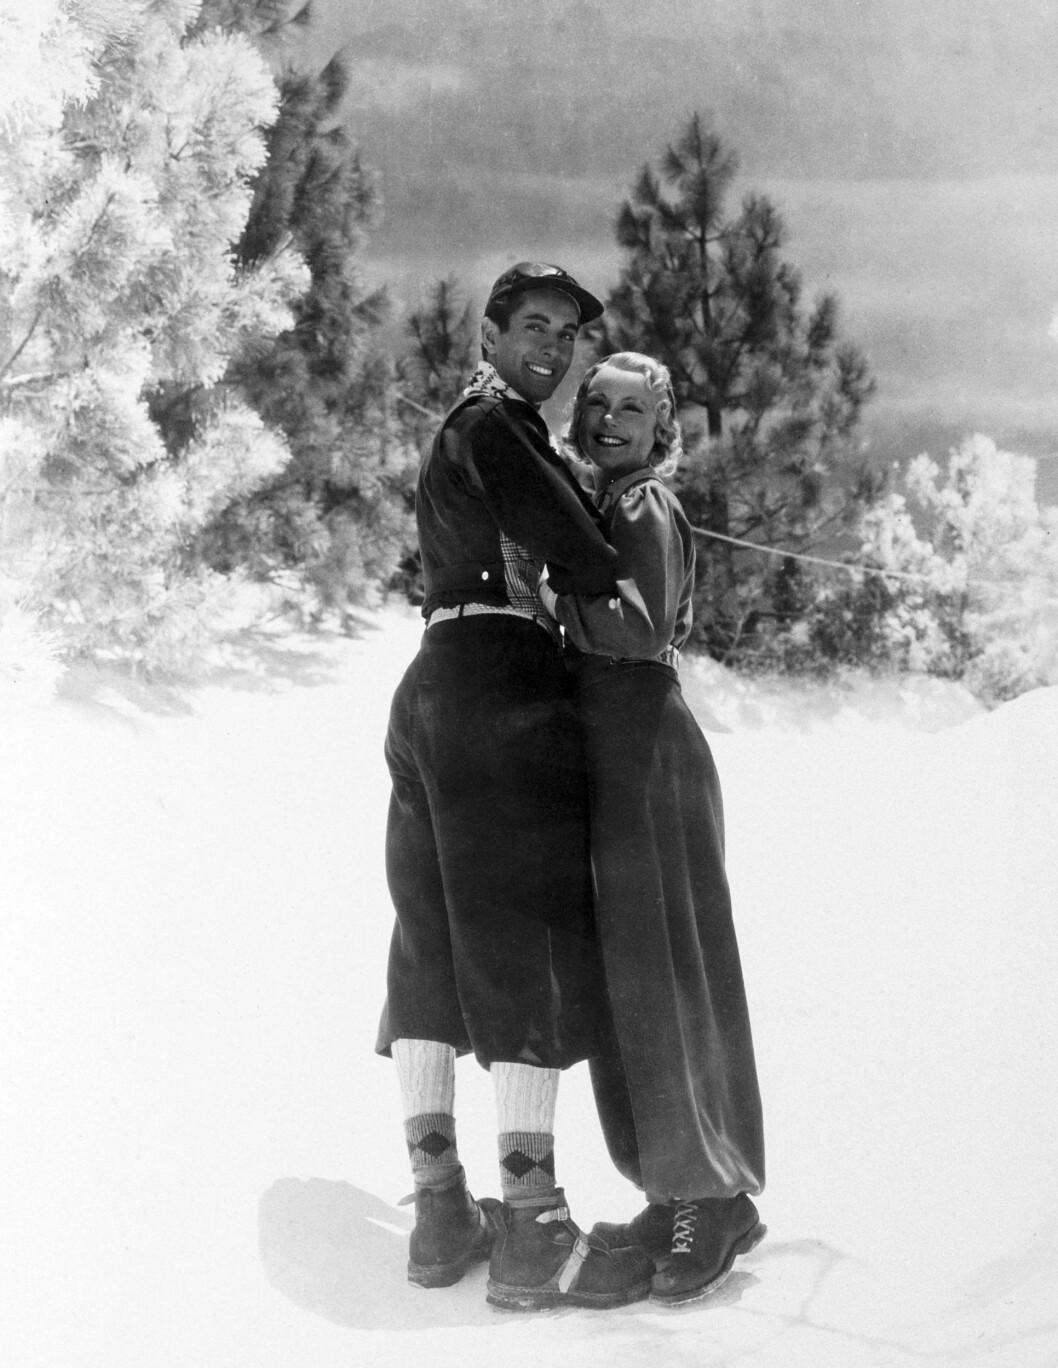 <strong>FILMDIVA:</strong> Sonja debuterte på lerretet i «One in a Million» fra 1936, som ble en braksuksess. Året etter fulgte «Thin Ice», der hun spilte mot Tyrone Power (bildet). I 1938 fulgte ytterligere to filmer, og nå ble Sonja rangert som den tredje mest innbringende filmstjernen, etter Shirley Temple og Clark Gable. Da fikk hun forhandlet seg fram til en ny kontrakt med filmselskapet, som lød på 160 000 dollar per film, og tre filmer per år. Dermed ble hun verdens best betalte filmstjerne. Foto: NTB scanpix